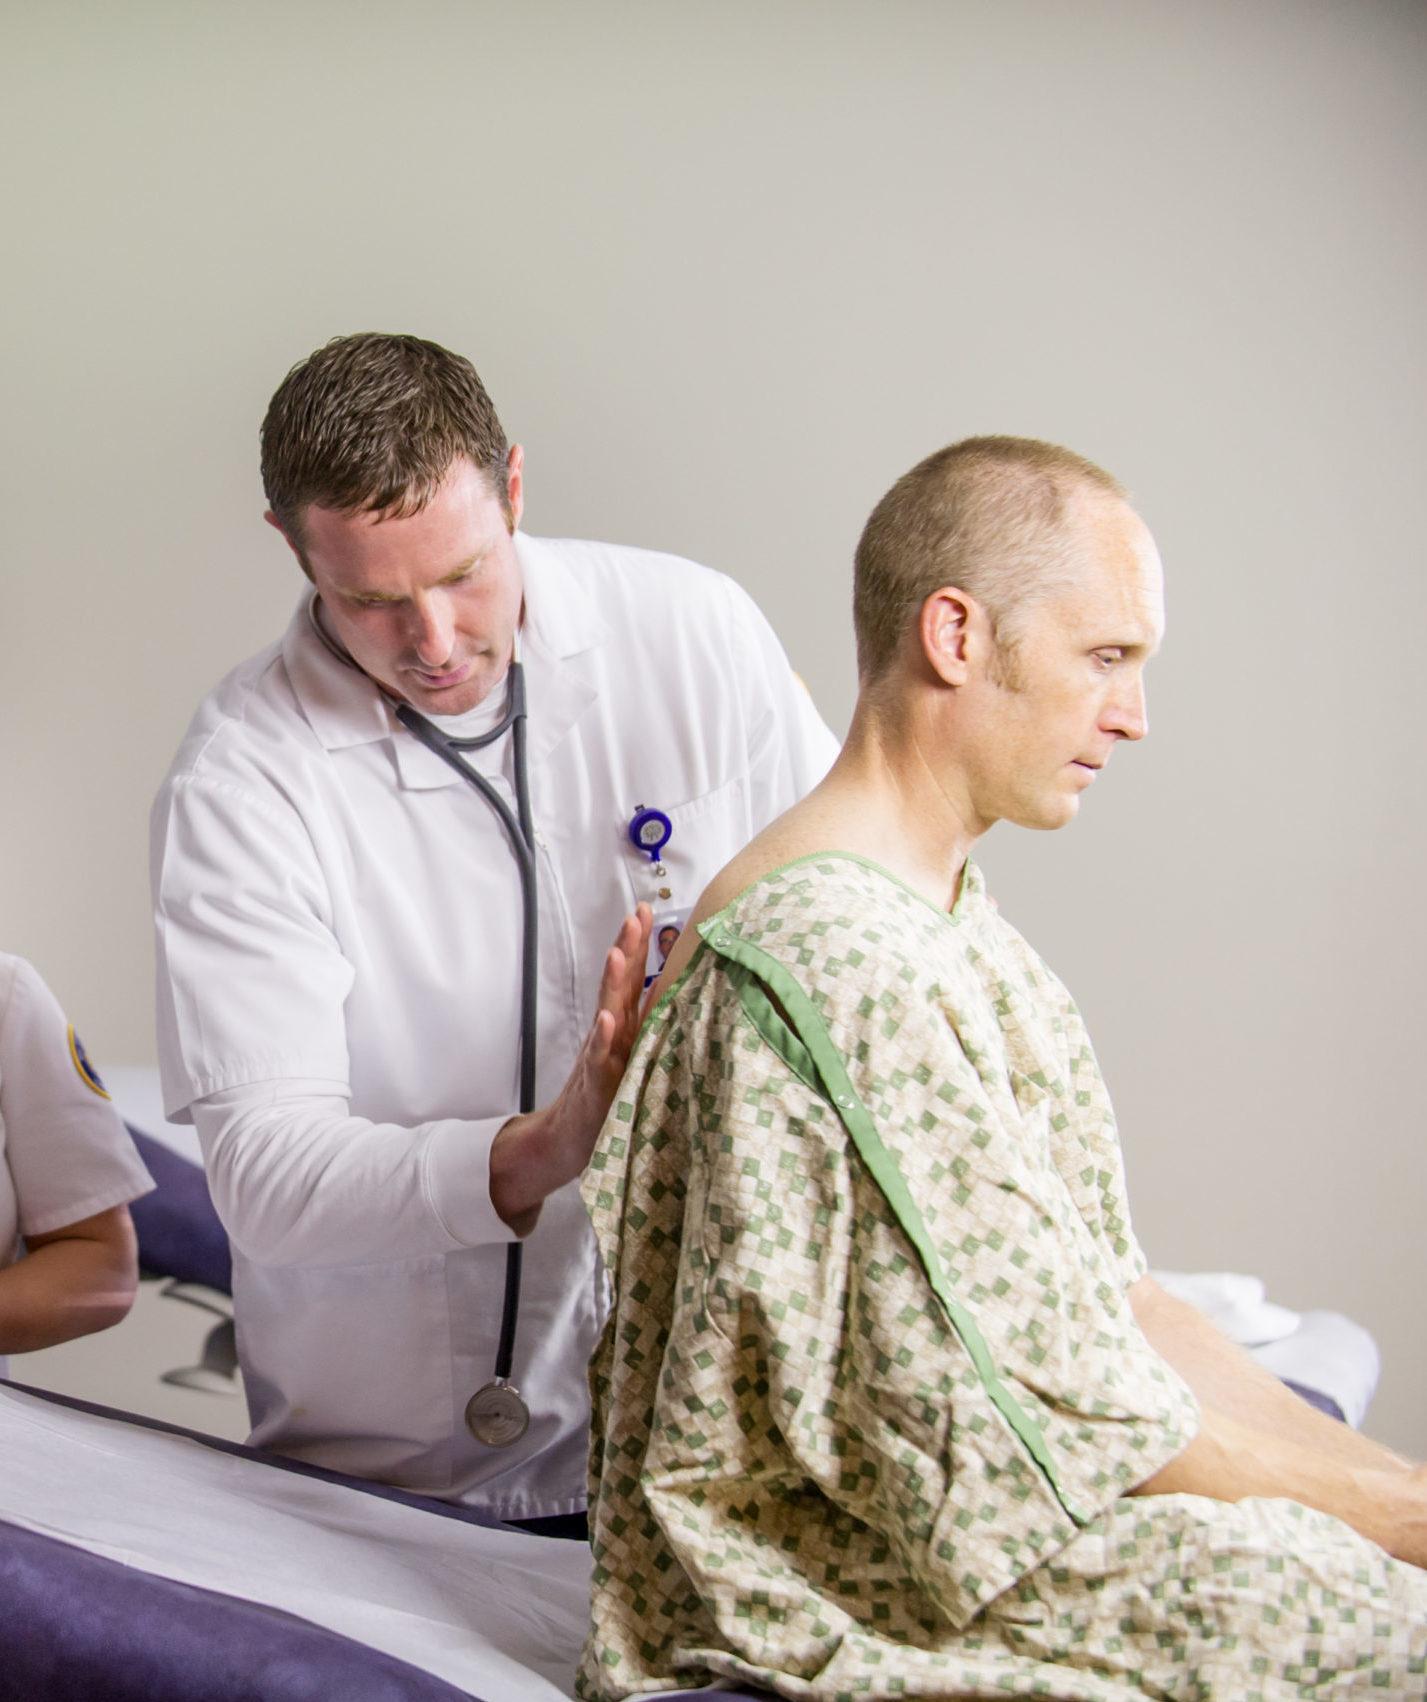 Male nurse examining patient.